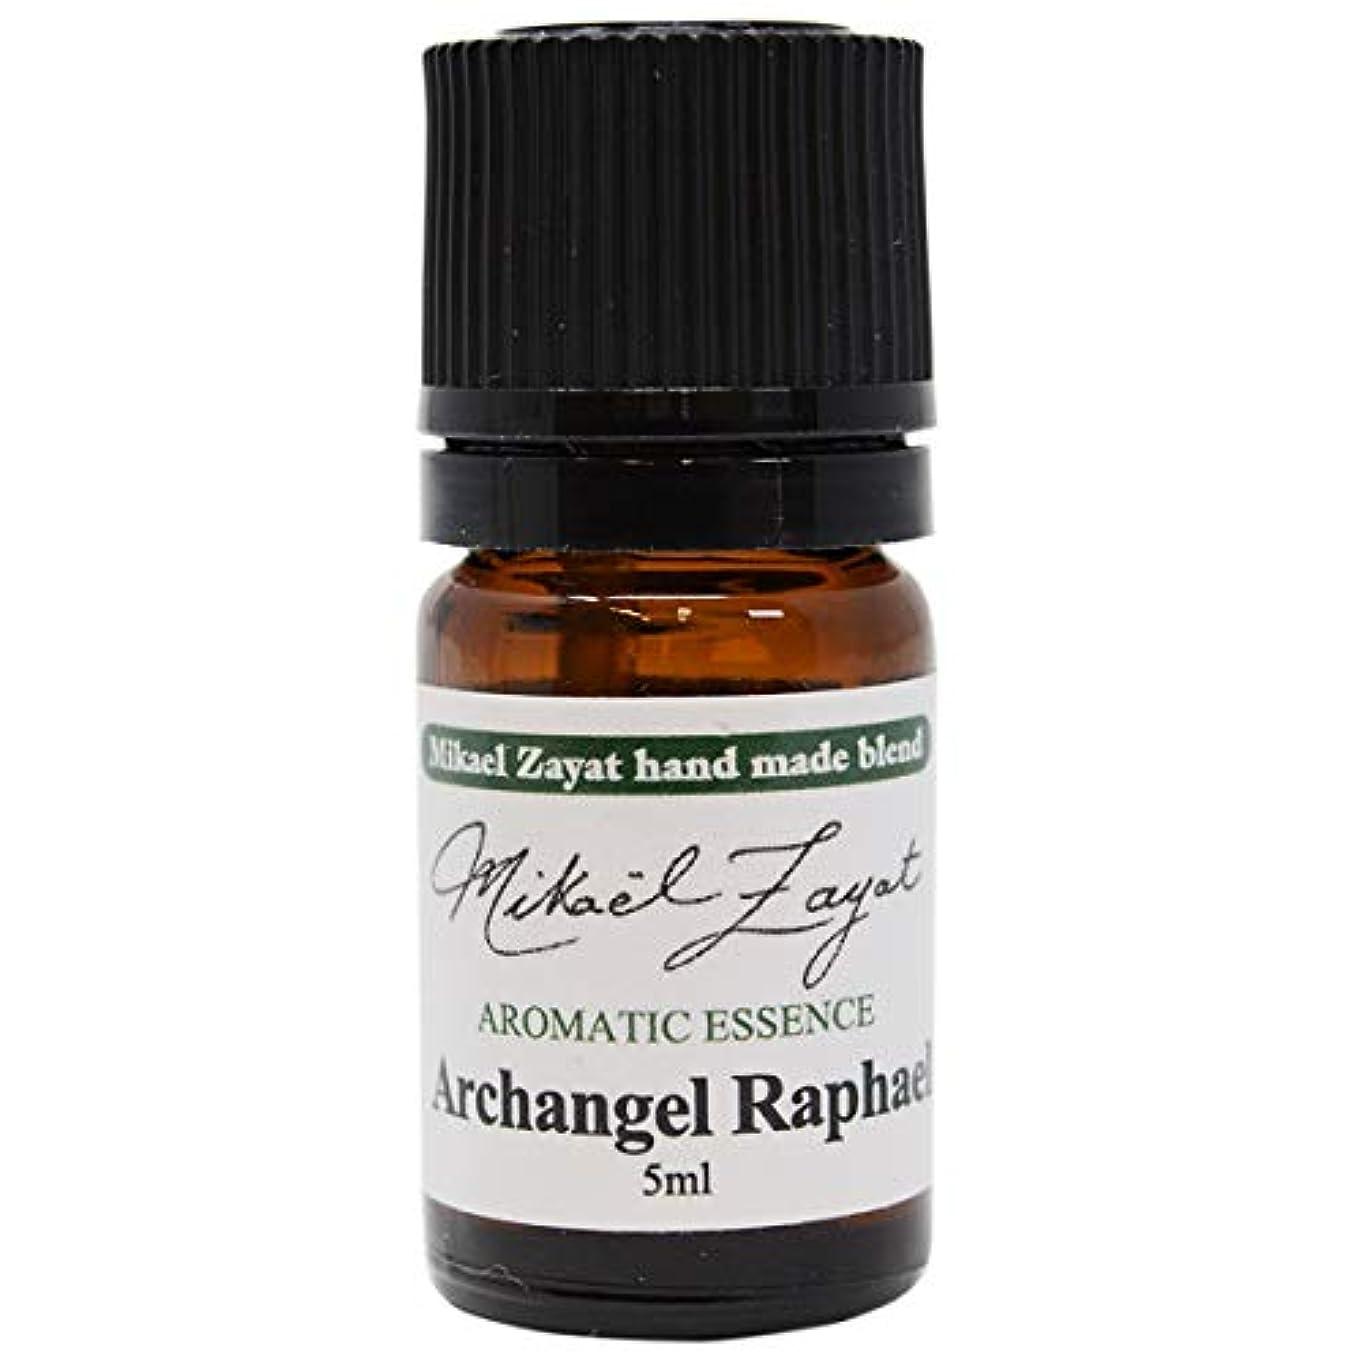 パーフェルビッド記念高音ミカエルザヤット 大天使ラファエル ArchAngel Raphael 5ml Mikael Zayat hand made blend